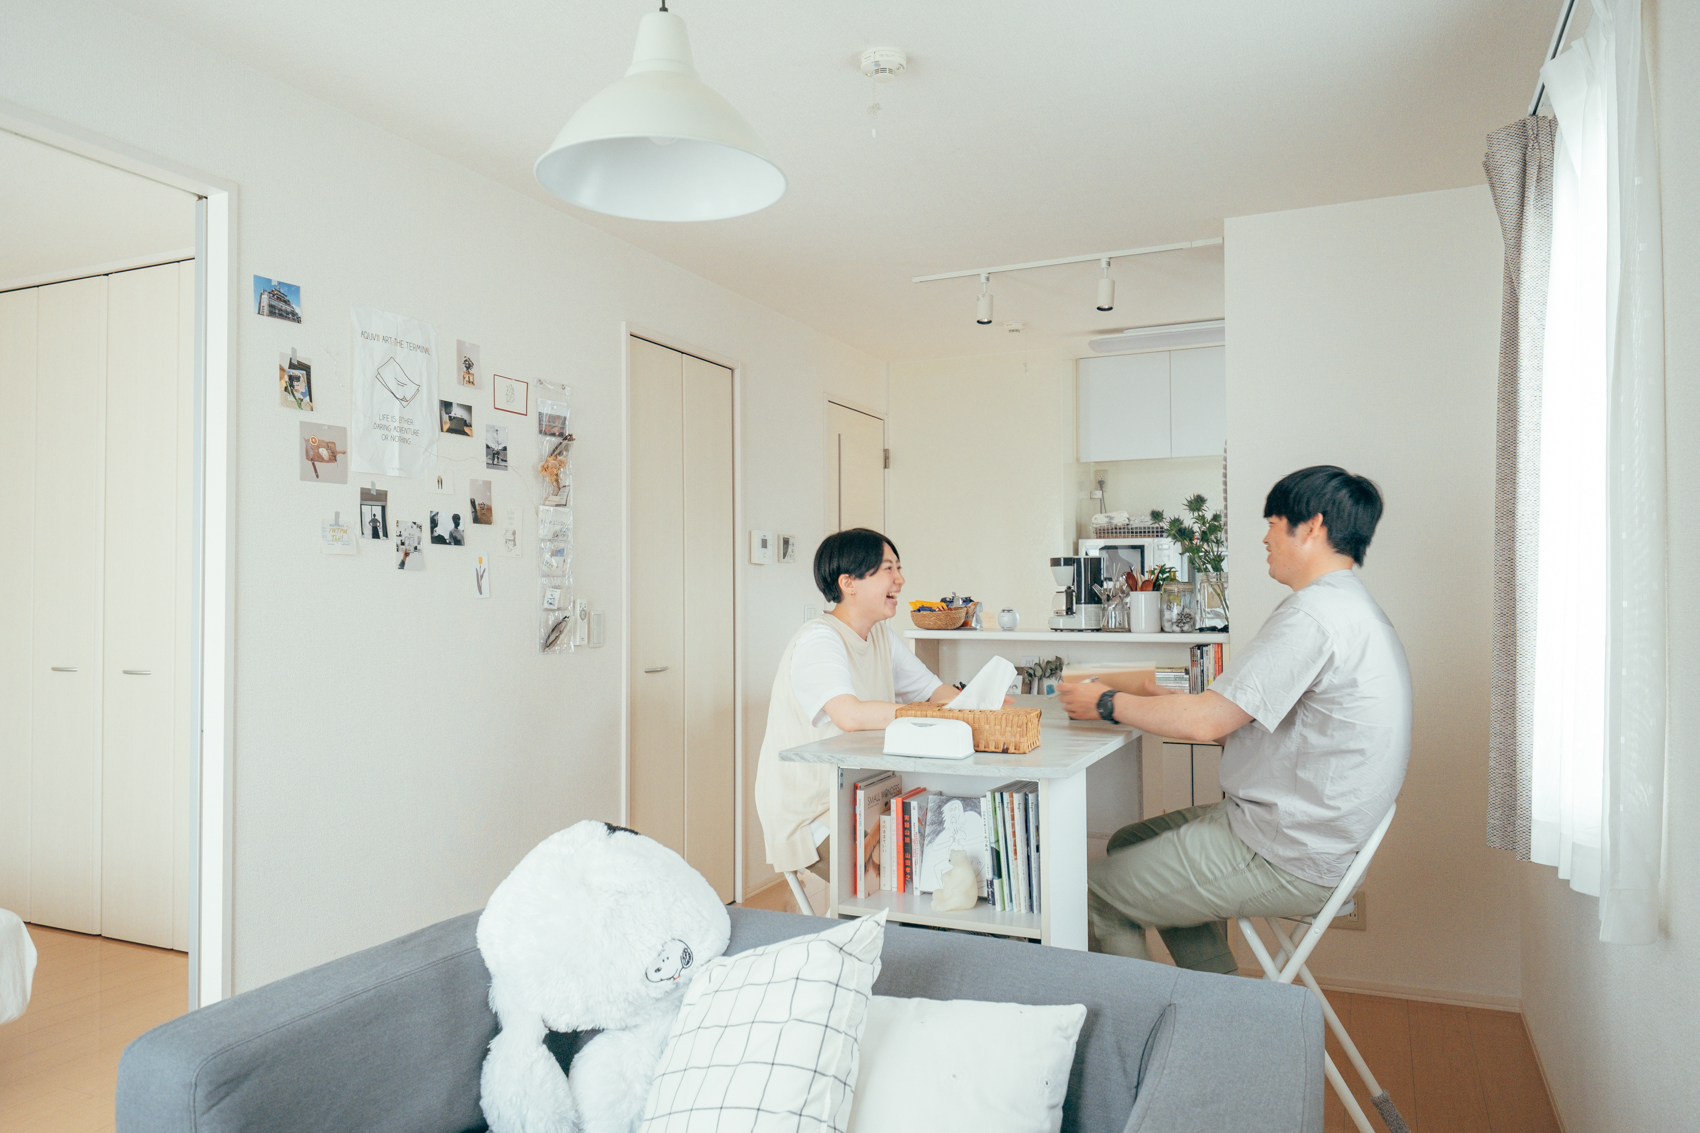 ダイニングテーブルはsuzukiakaneさんが一人暮らしの時に使っていた、カラーボックスも使いながらDIYで作成されたもの。背の高いご主人の背丈にもあって使いやすそうです。 「高いダイニングテーブルが中々見つからなくて、自分たちの合うものをという思い出で作りあげました。食事や作業はいつも二人でここで行っていますね。」